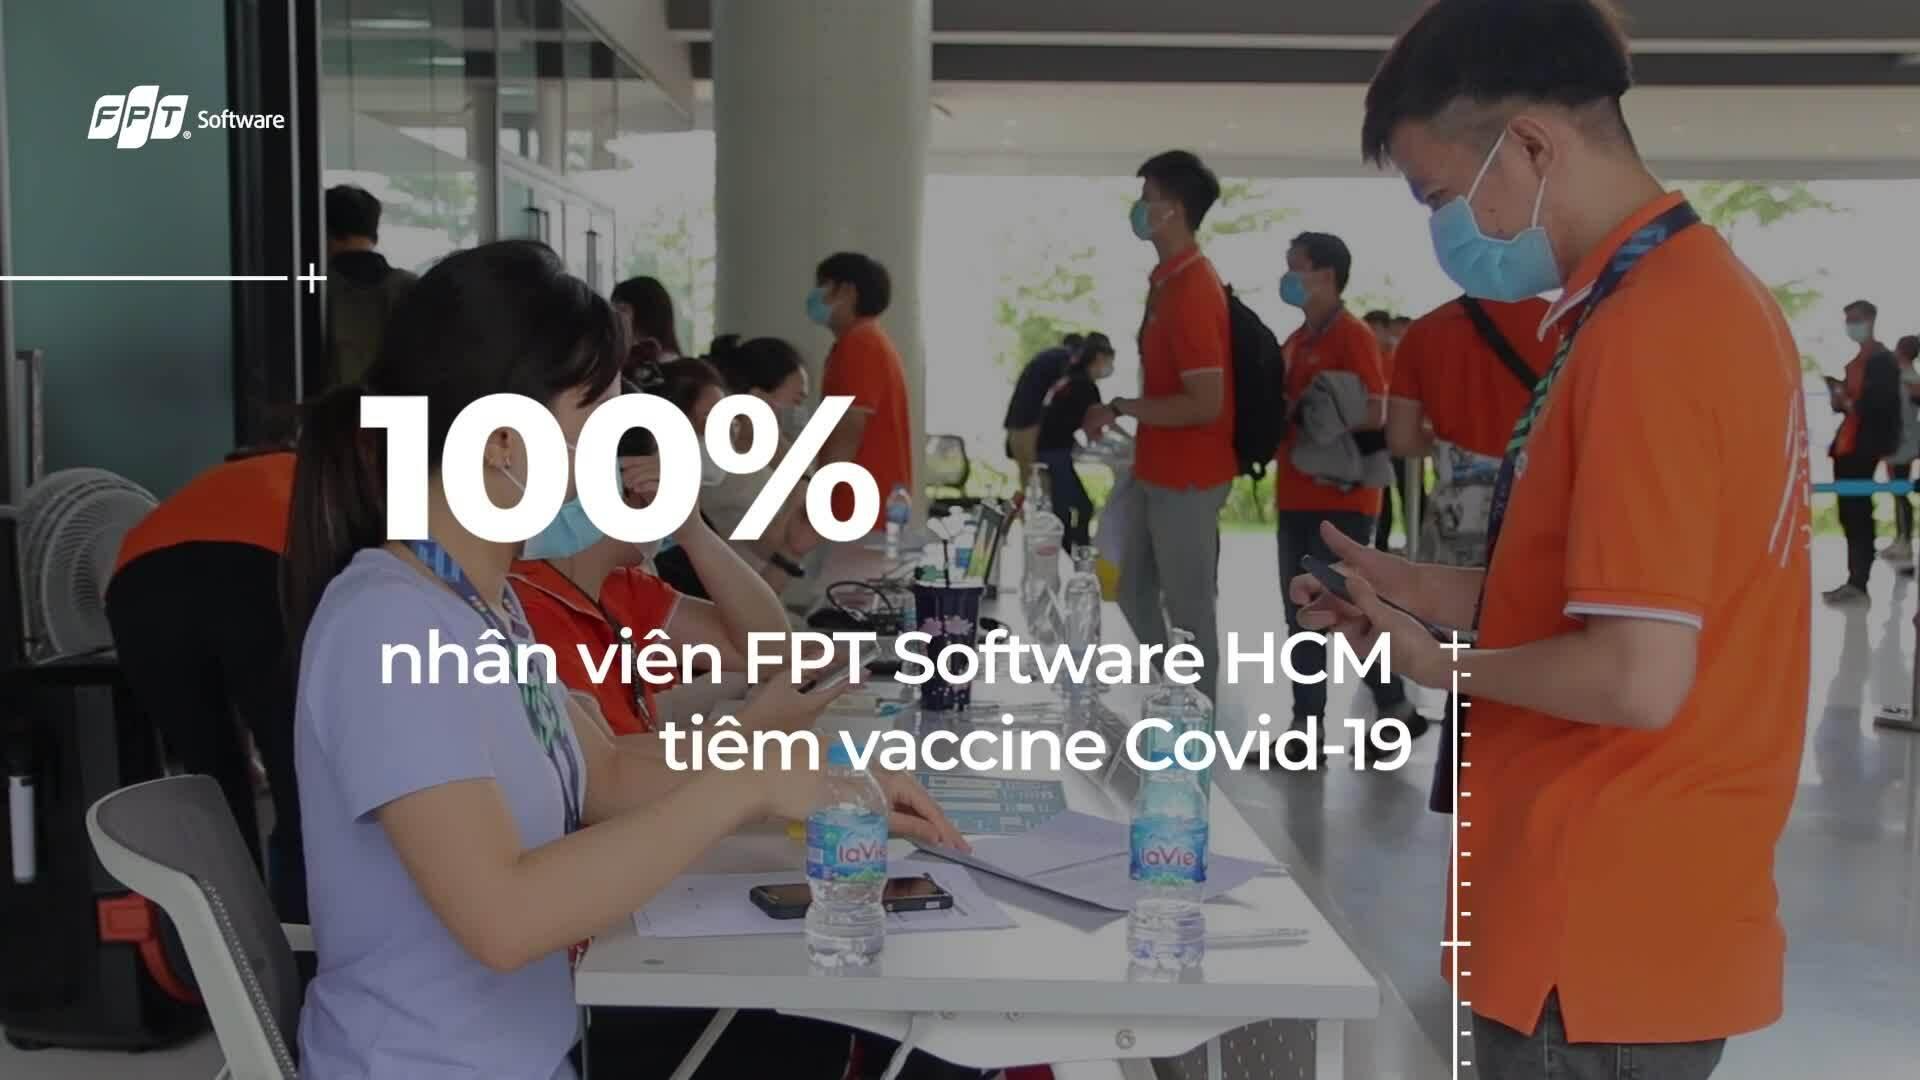 5.000 nhân viên FPT Software được tiêm vaccine Covid-19